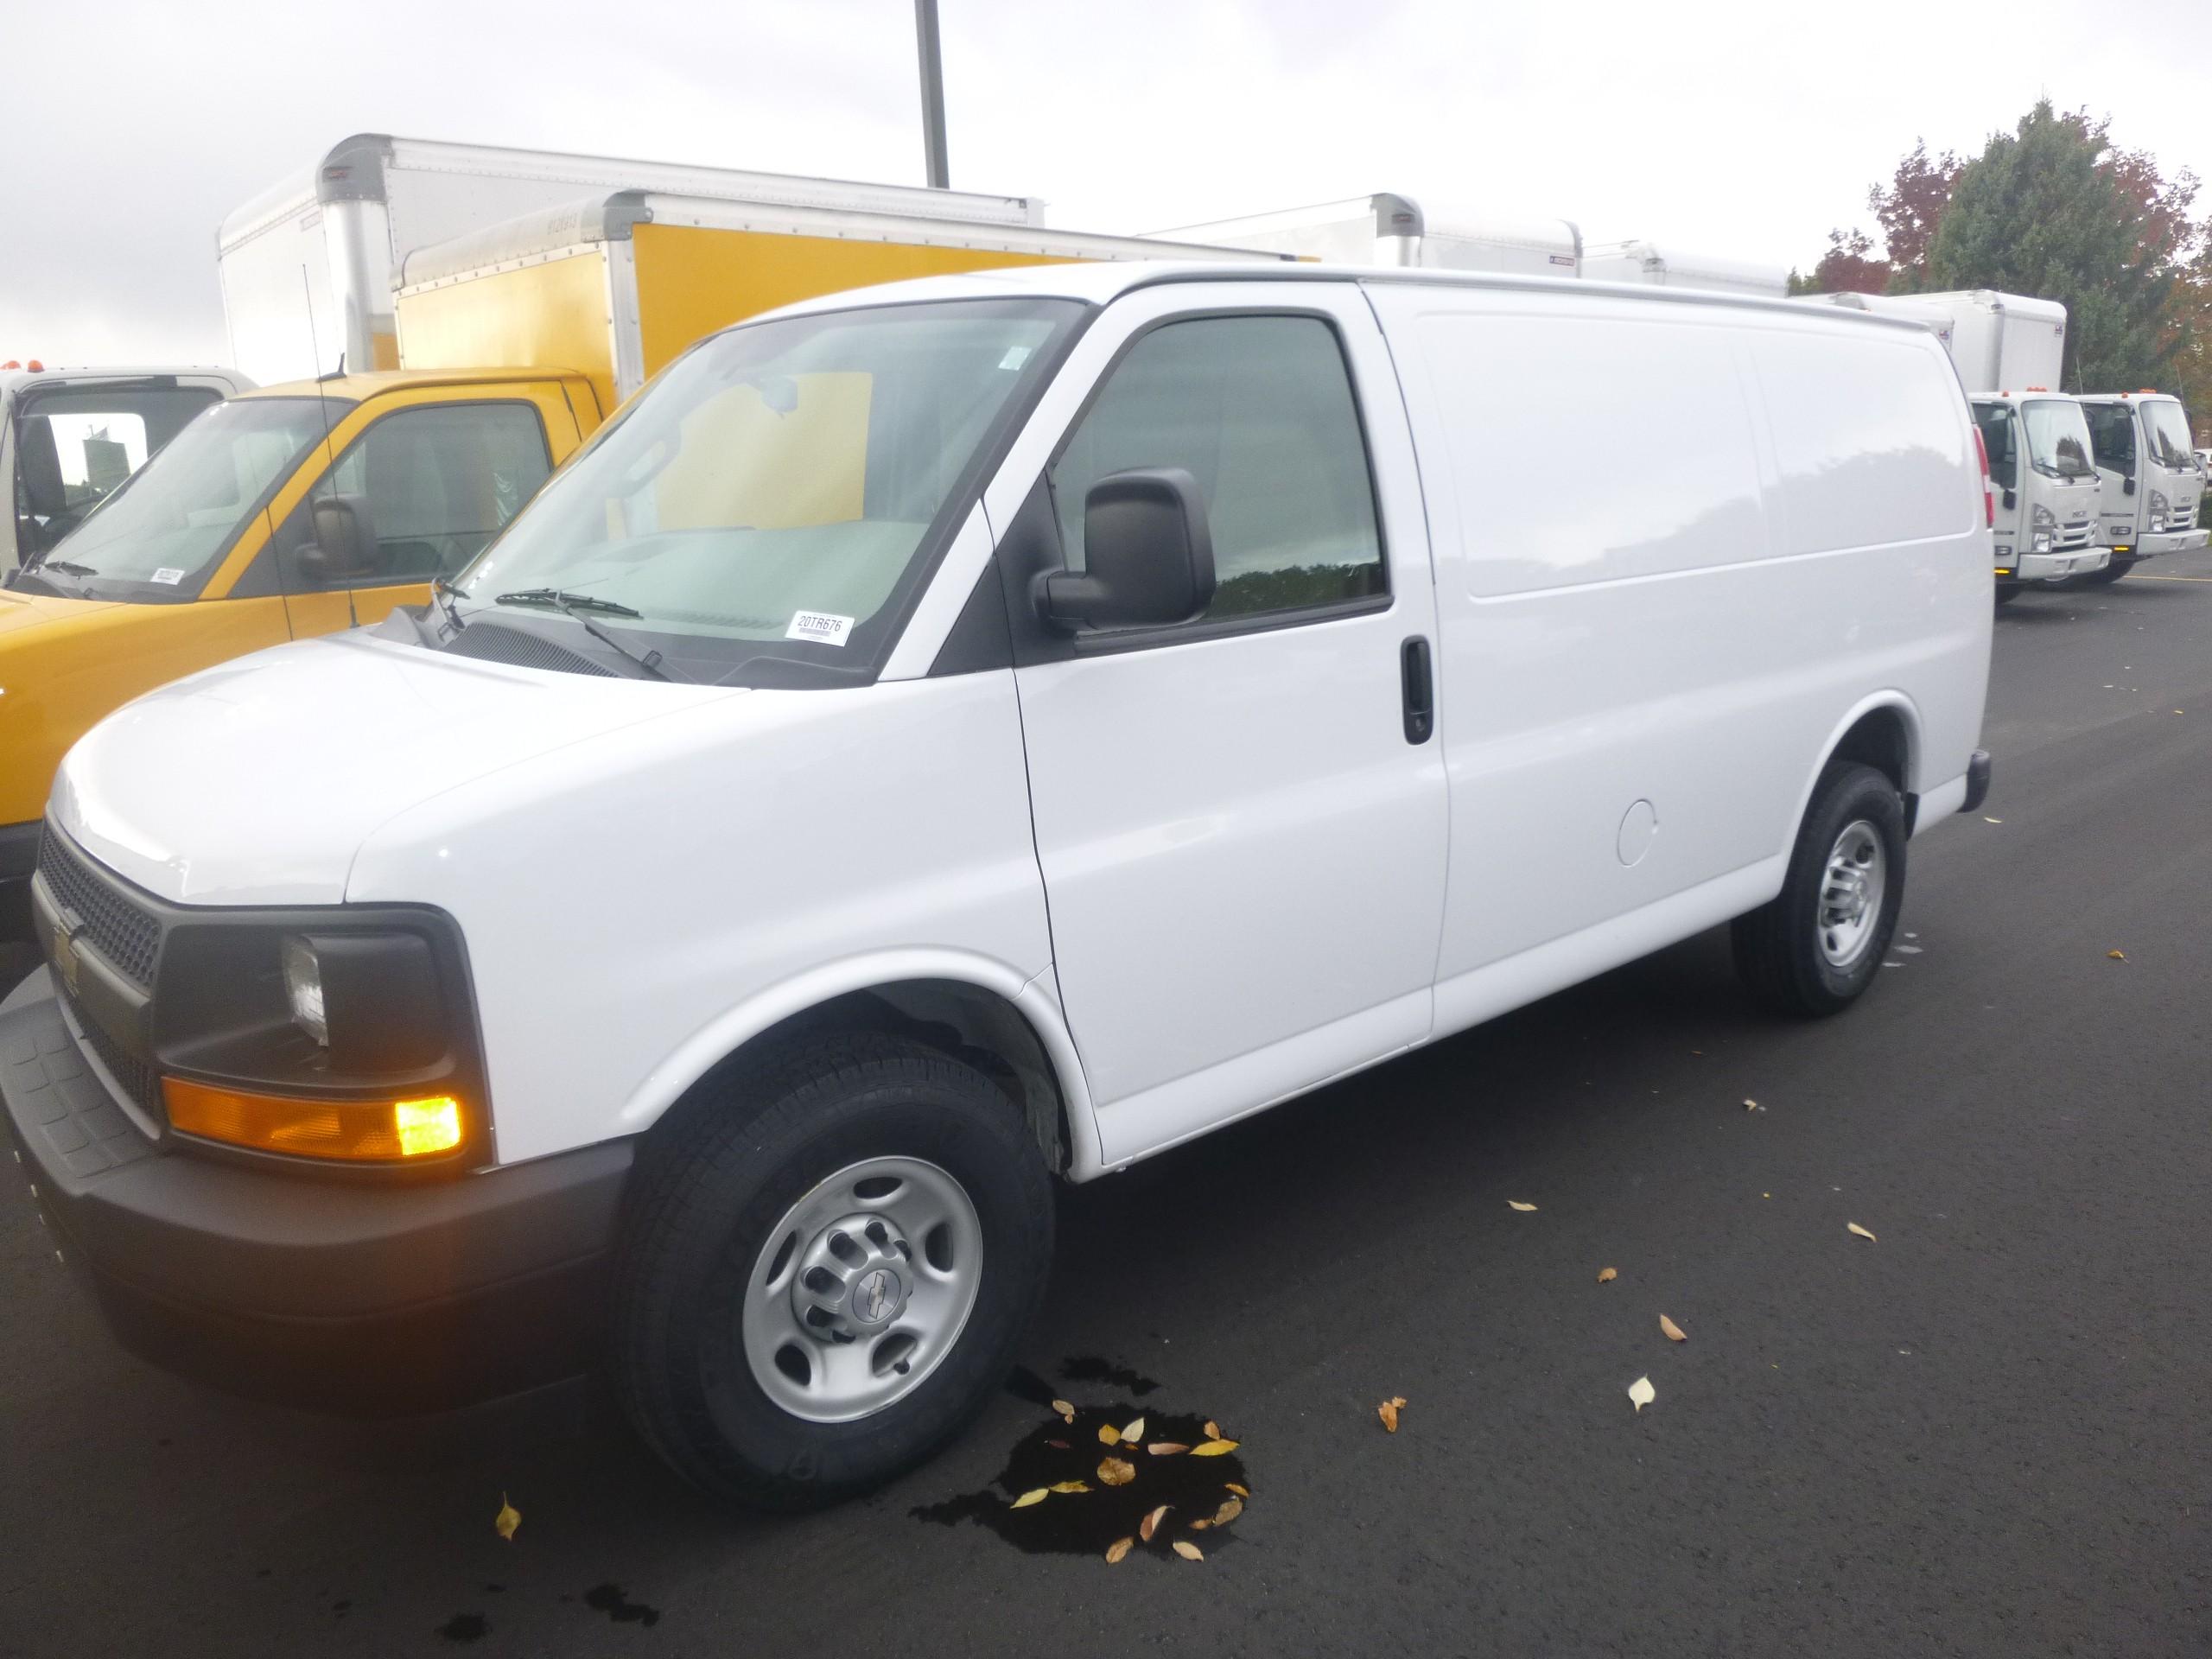 Used, 2017, Chevrolet, Express 2500 Cargo van, Vans